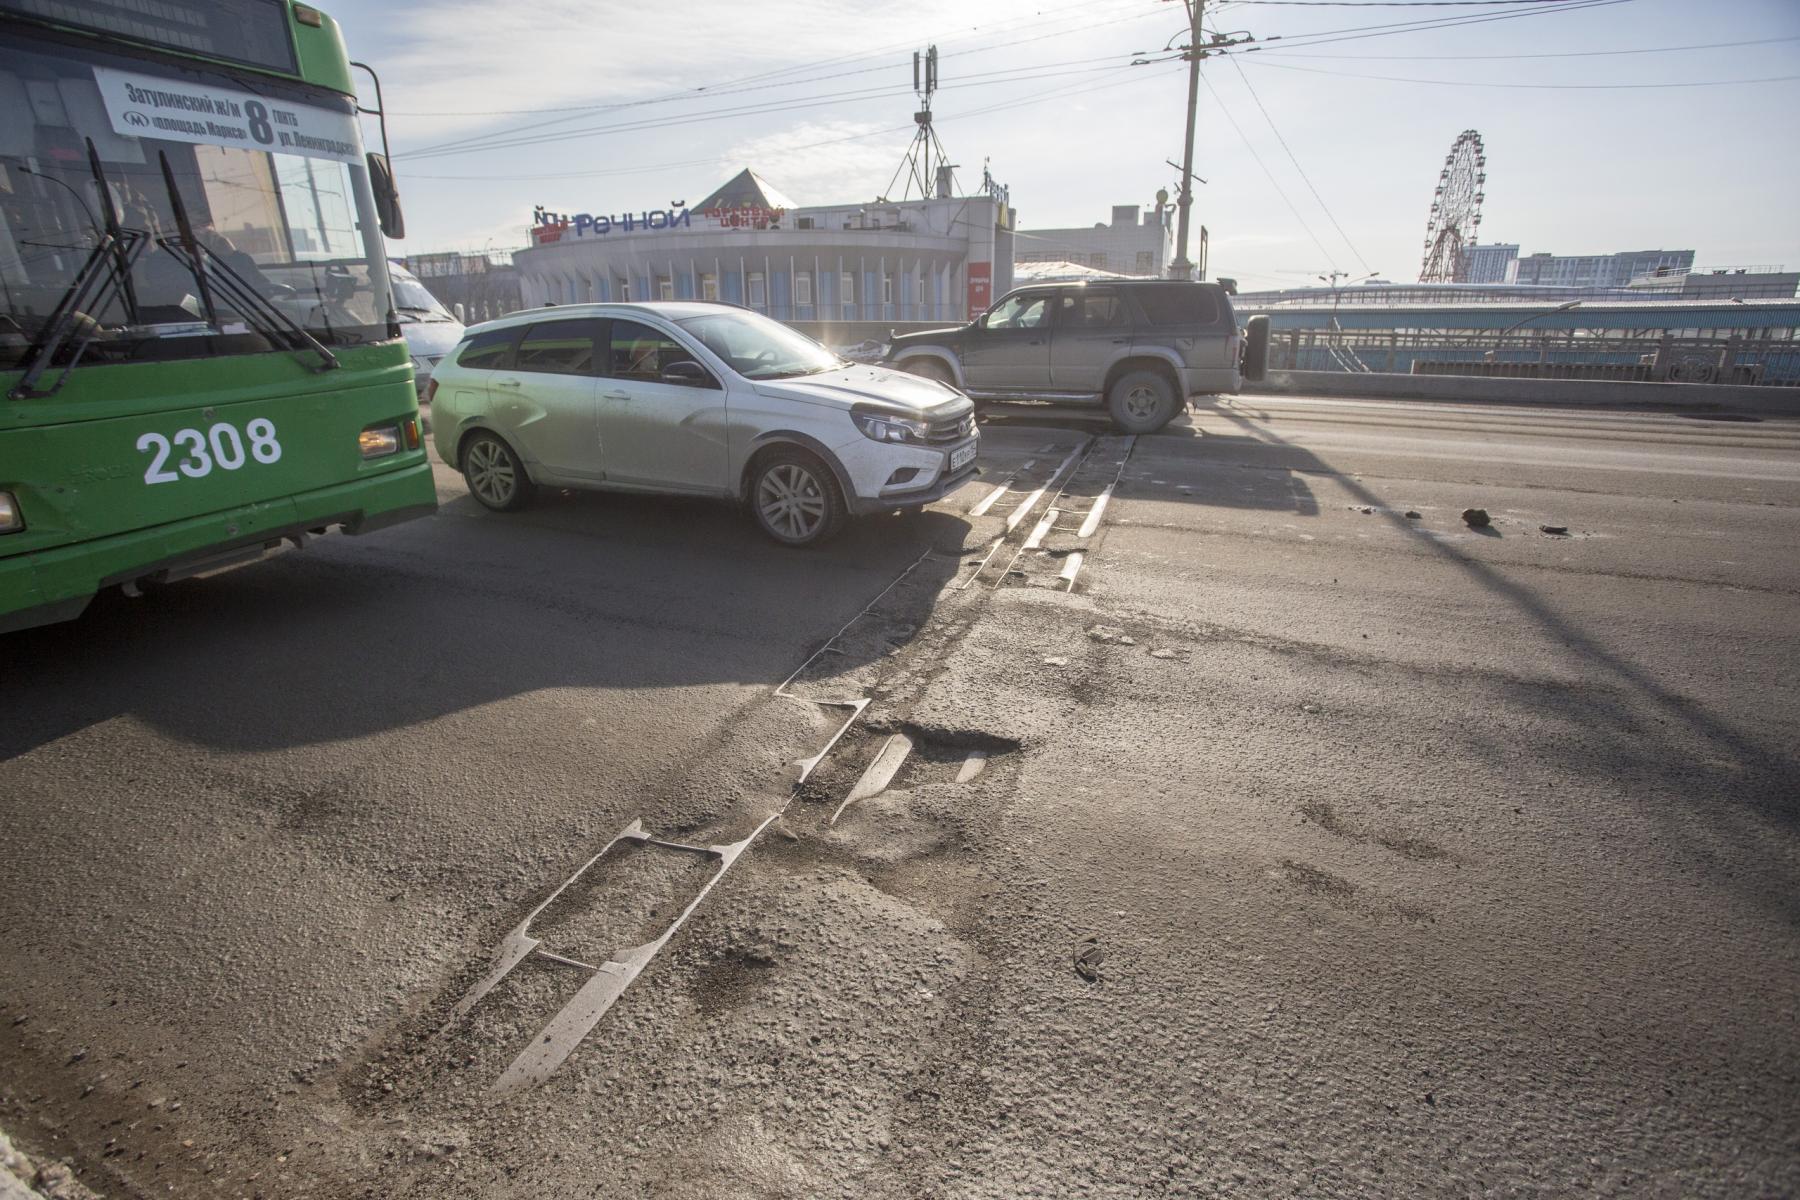 фото «Угадай, в какой луже яма»: состояние дорог в Новосибирске доводит водителей до нецензурщины 6